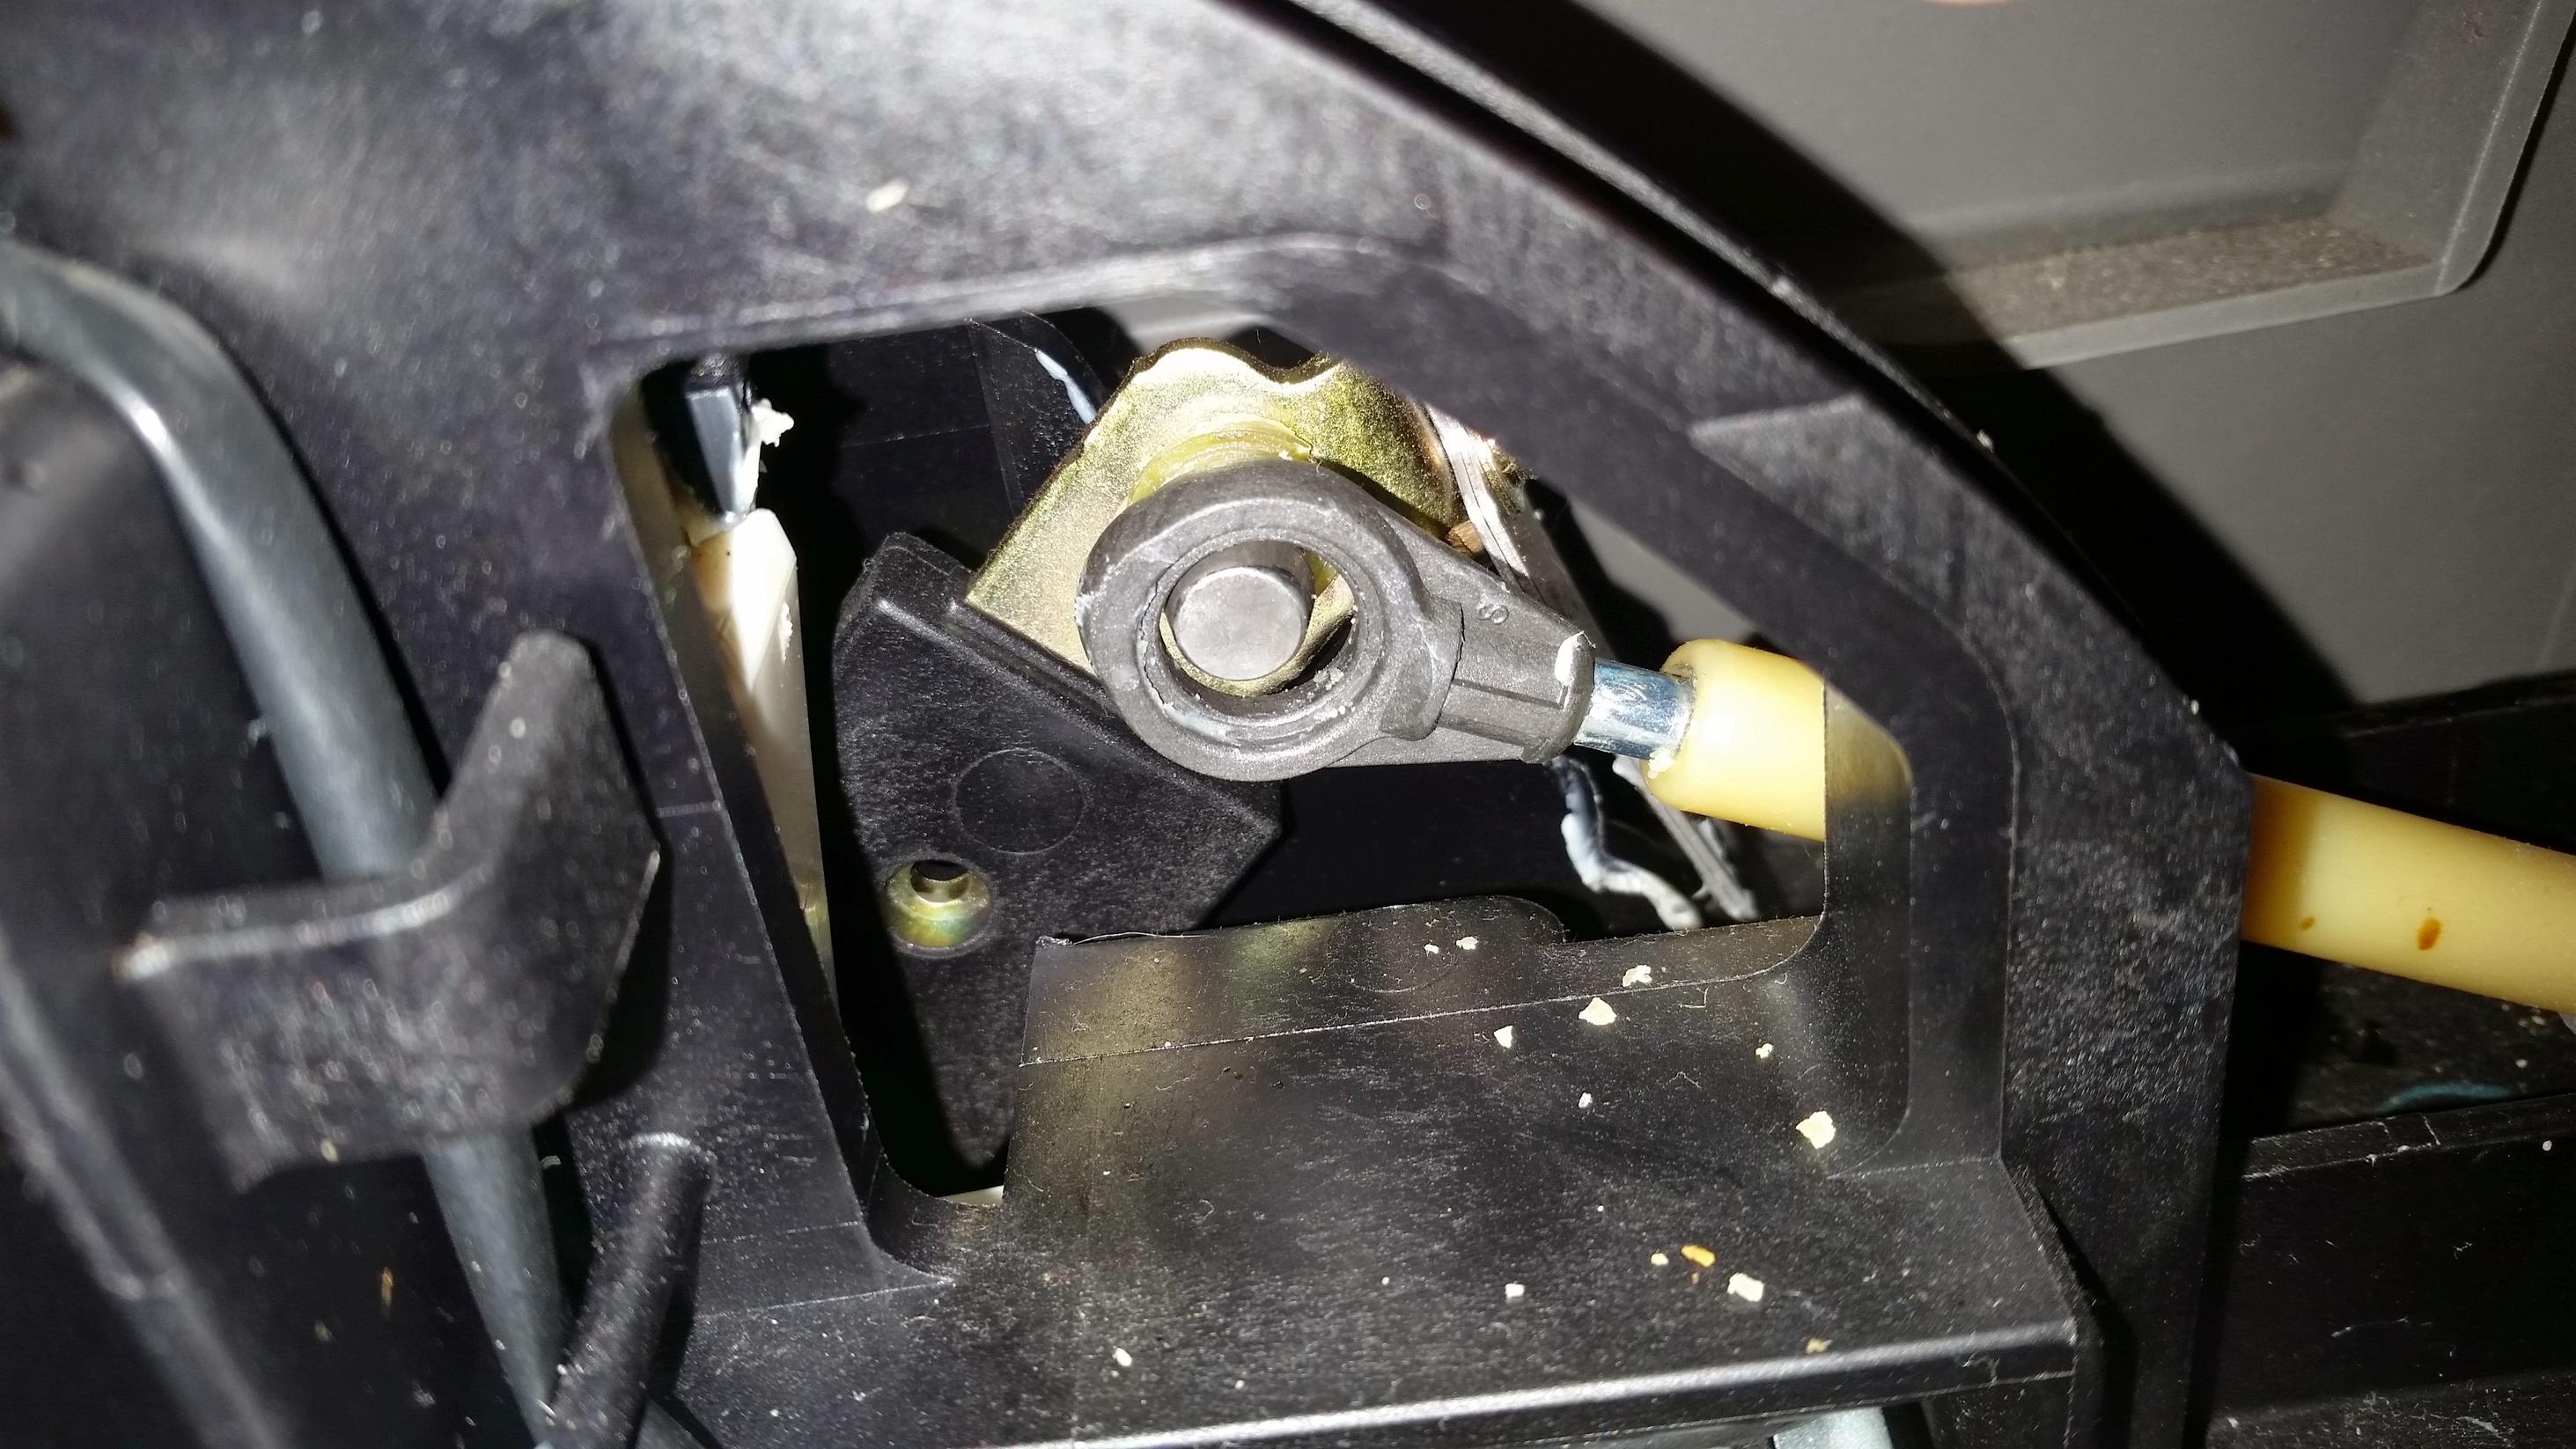 2015 Gmc Yukon Tail Light Removal